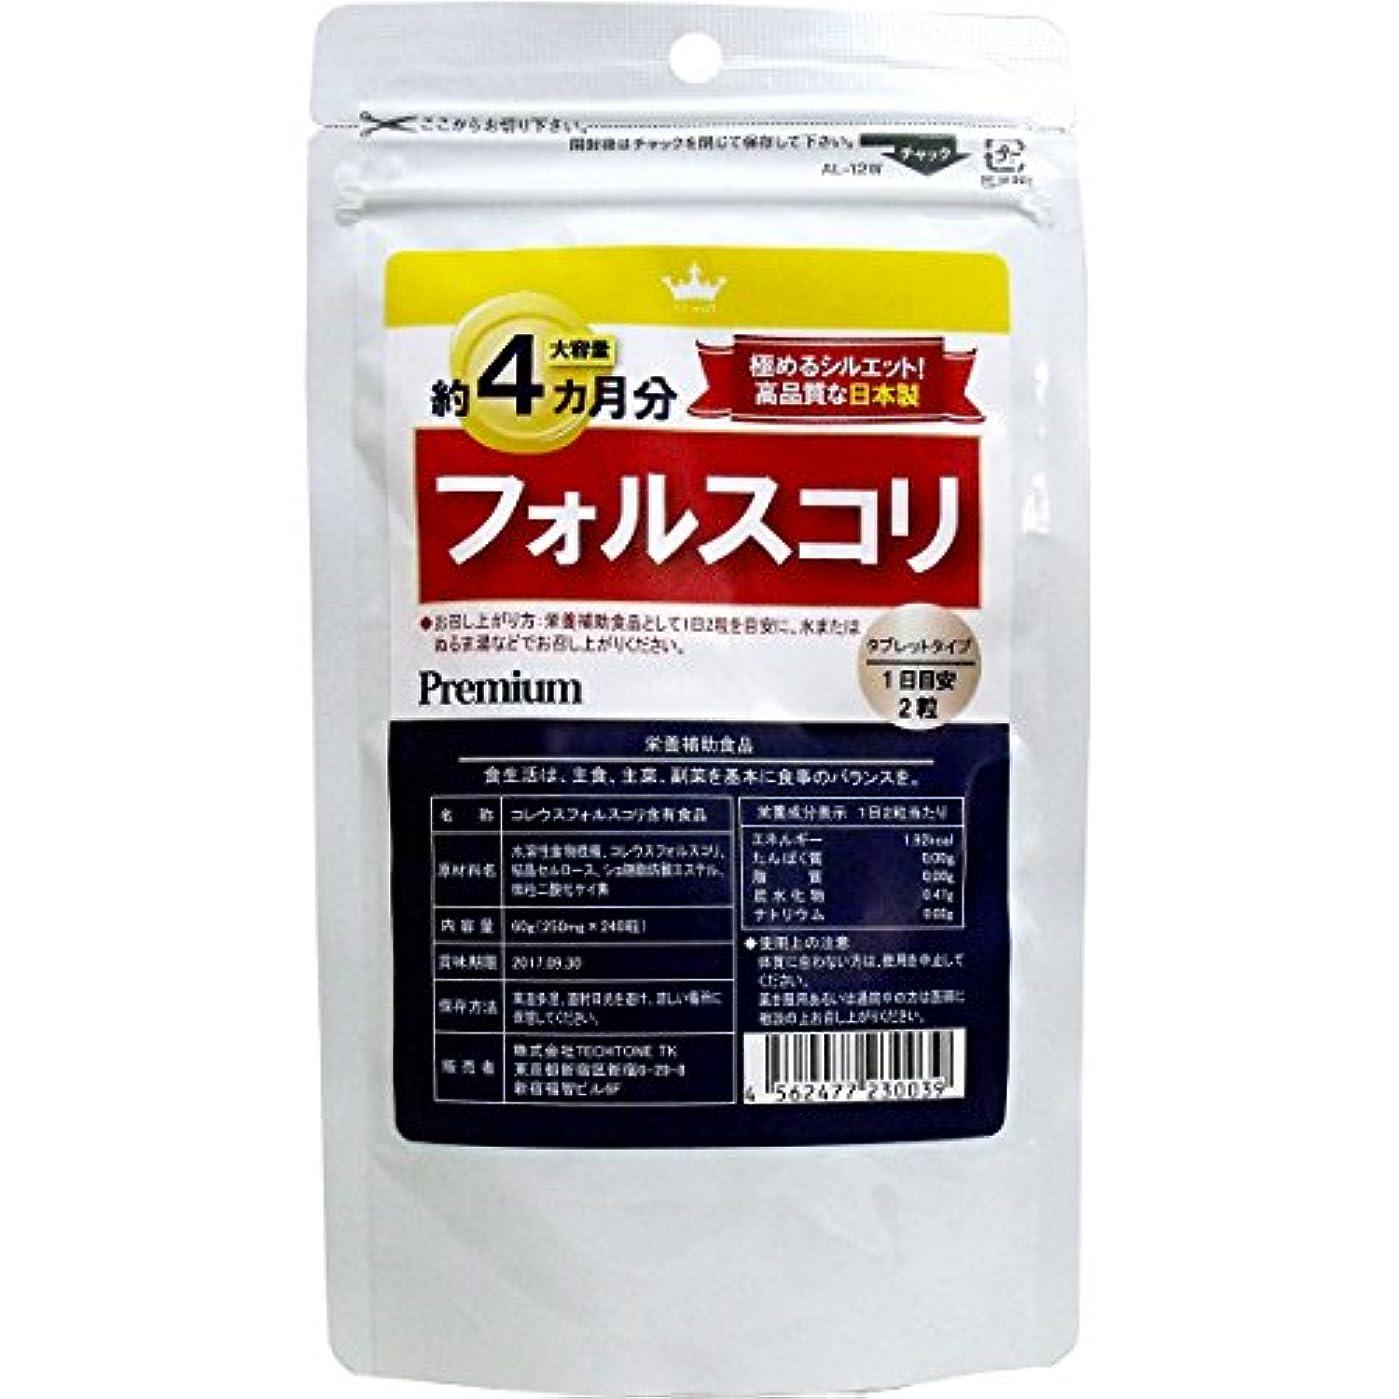 検体シート繰り返すサプリメント 高品質な日本製 健康食品 フォルスコリ 約4カ月分 240粒入